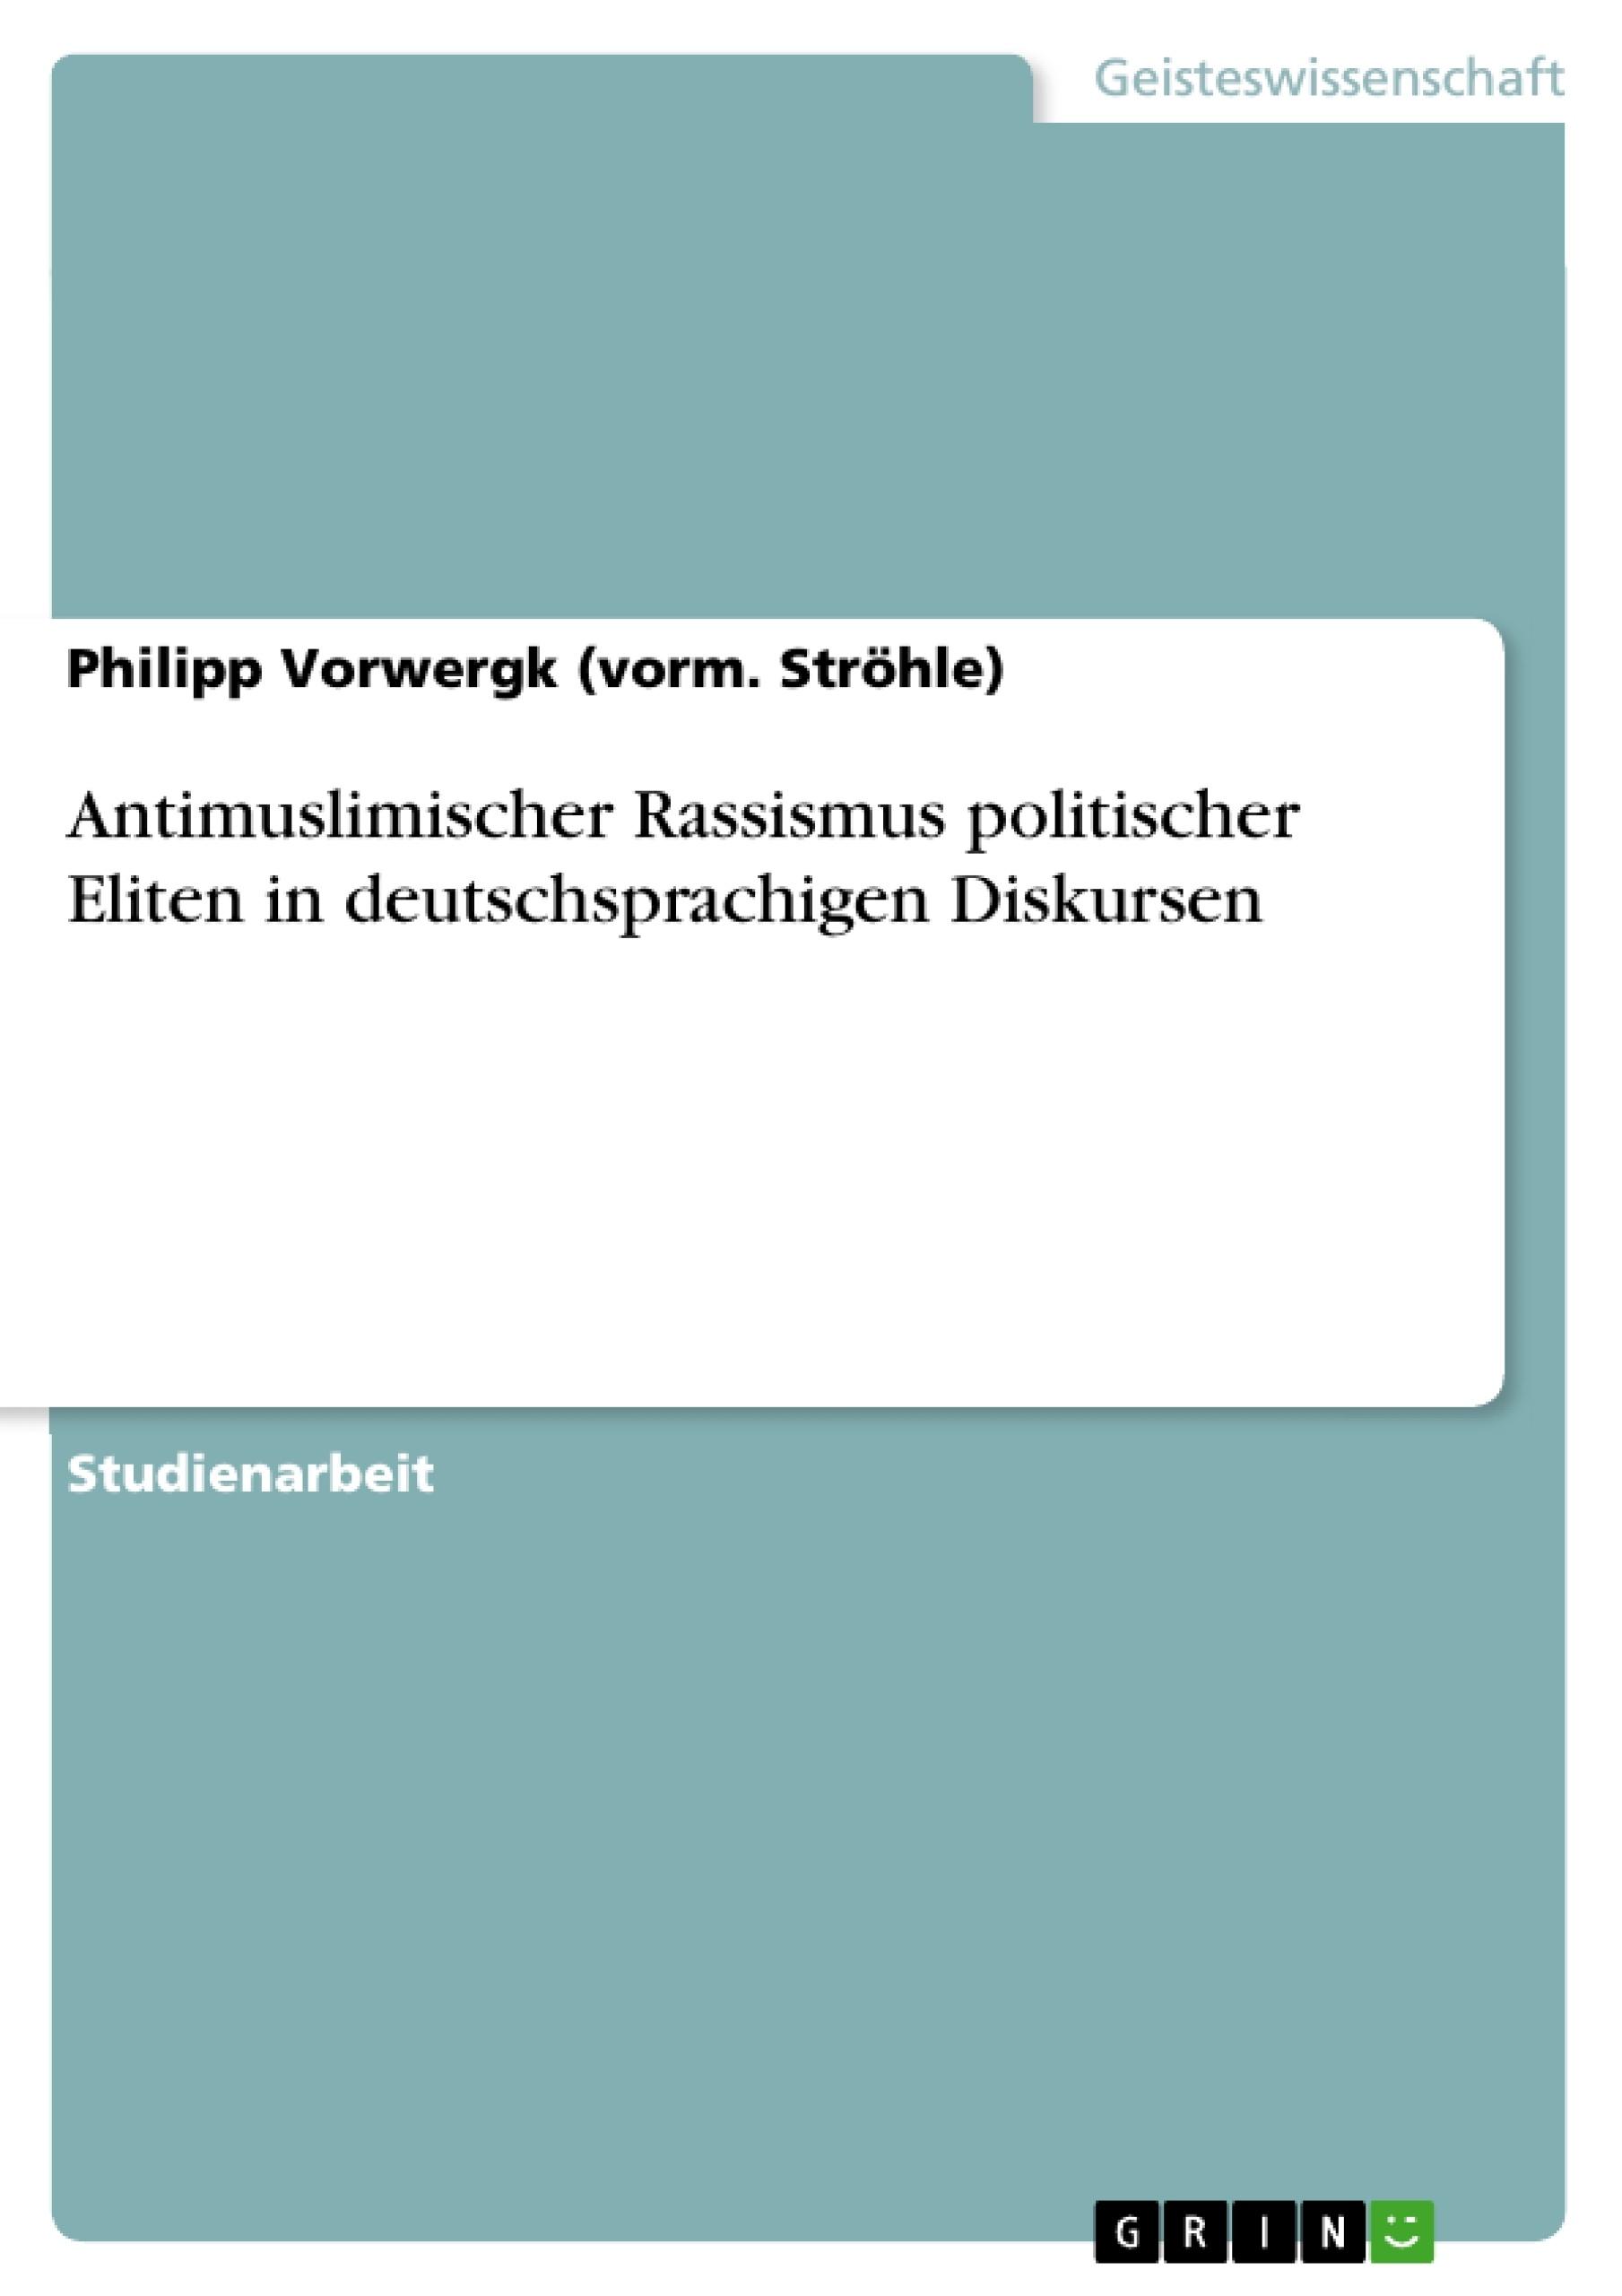 Titel: Antimuslimischer Rassismus politischer Eliten in deutschsprachigen Diskursen